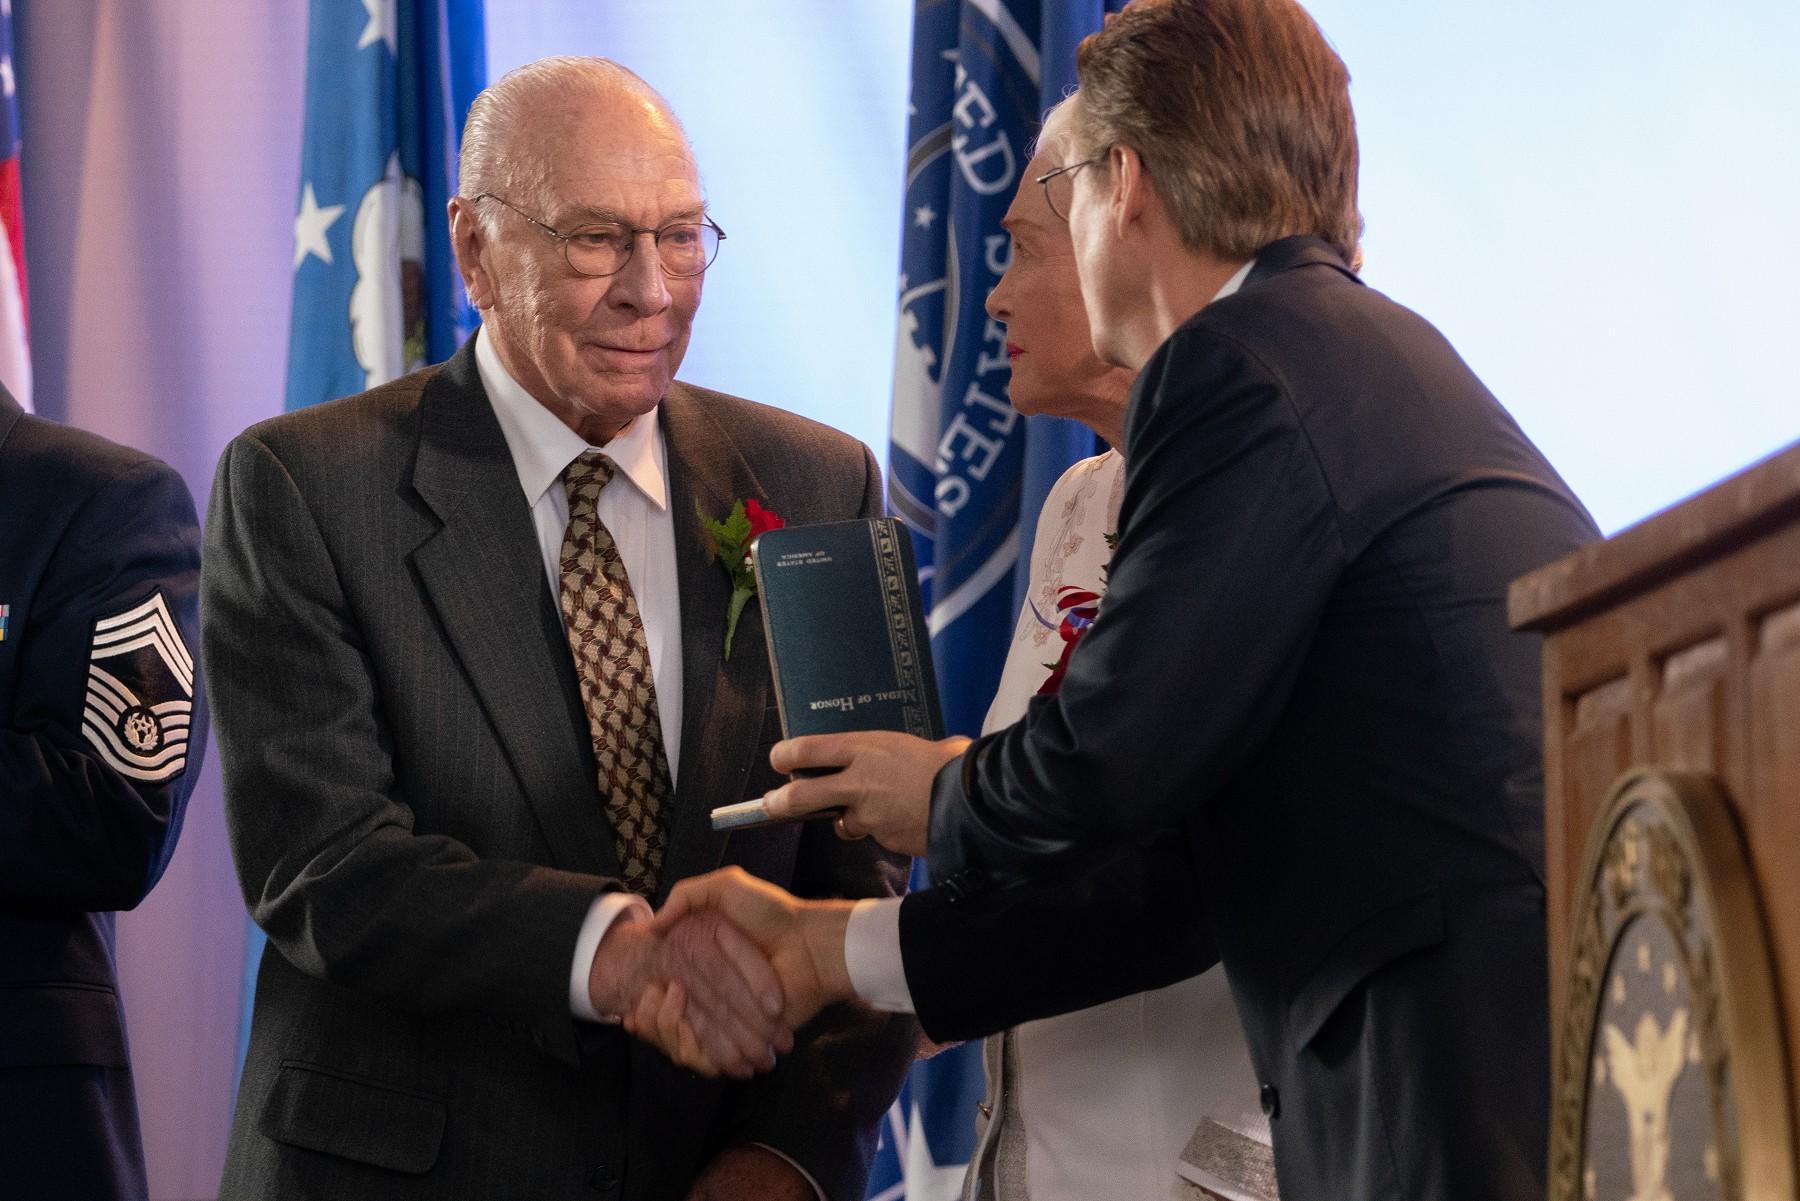 已經90歲的金球獎得主克里斯多夫普拉瑪(左)老當益壯,接演本片詮釋傳奇士兵的父親